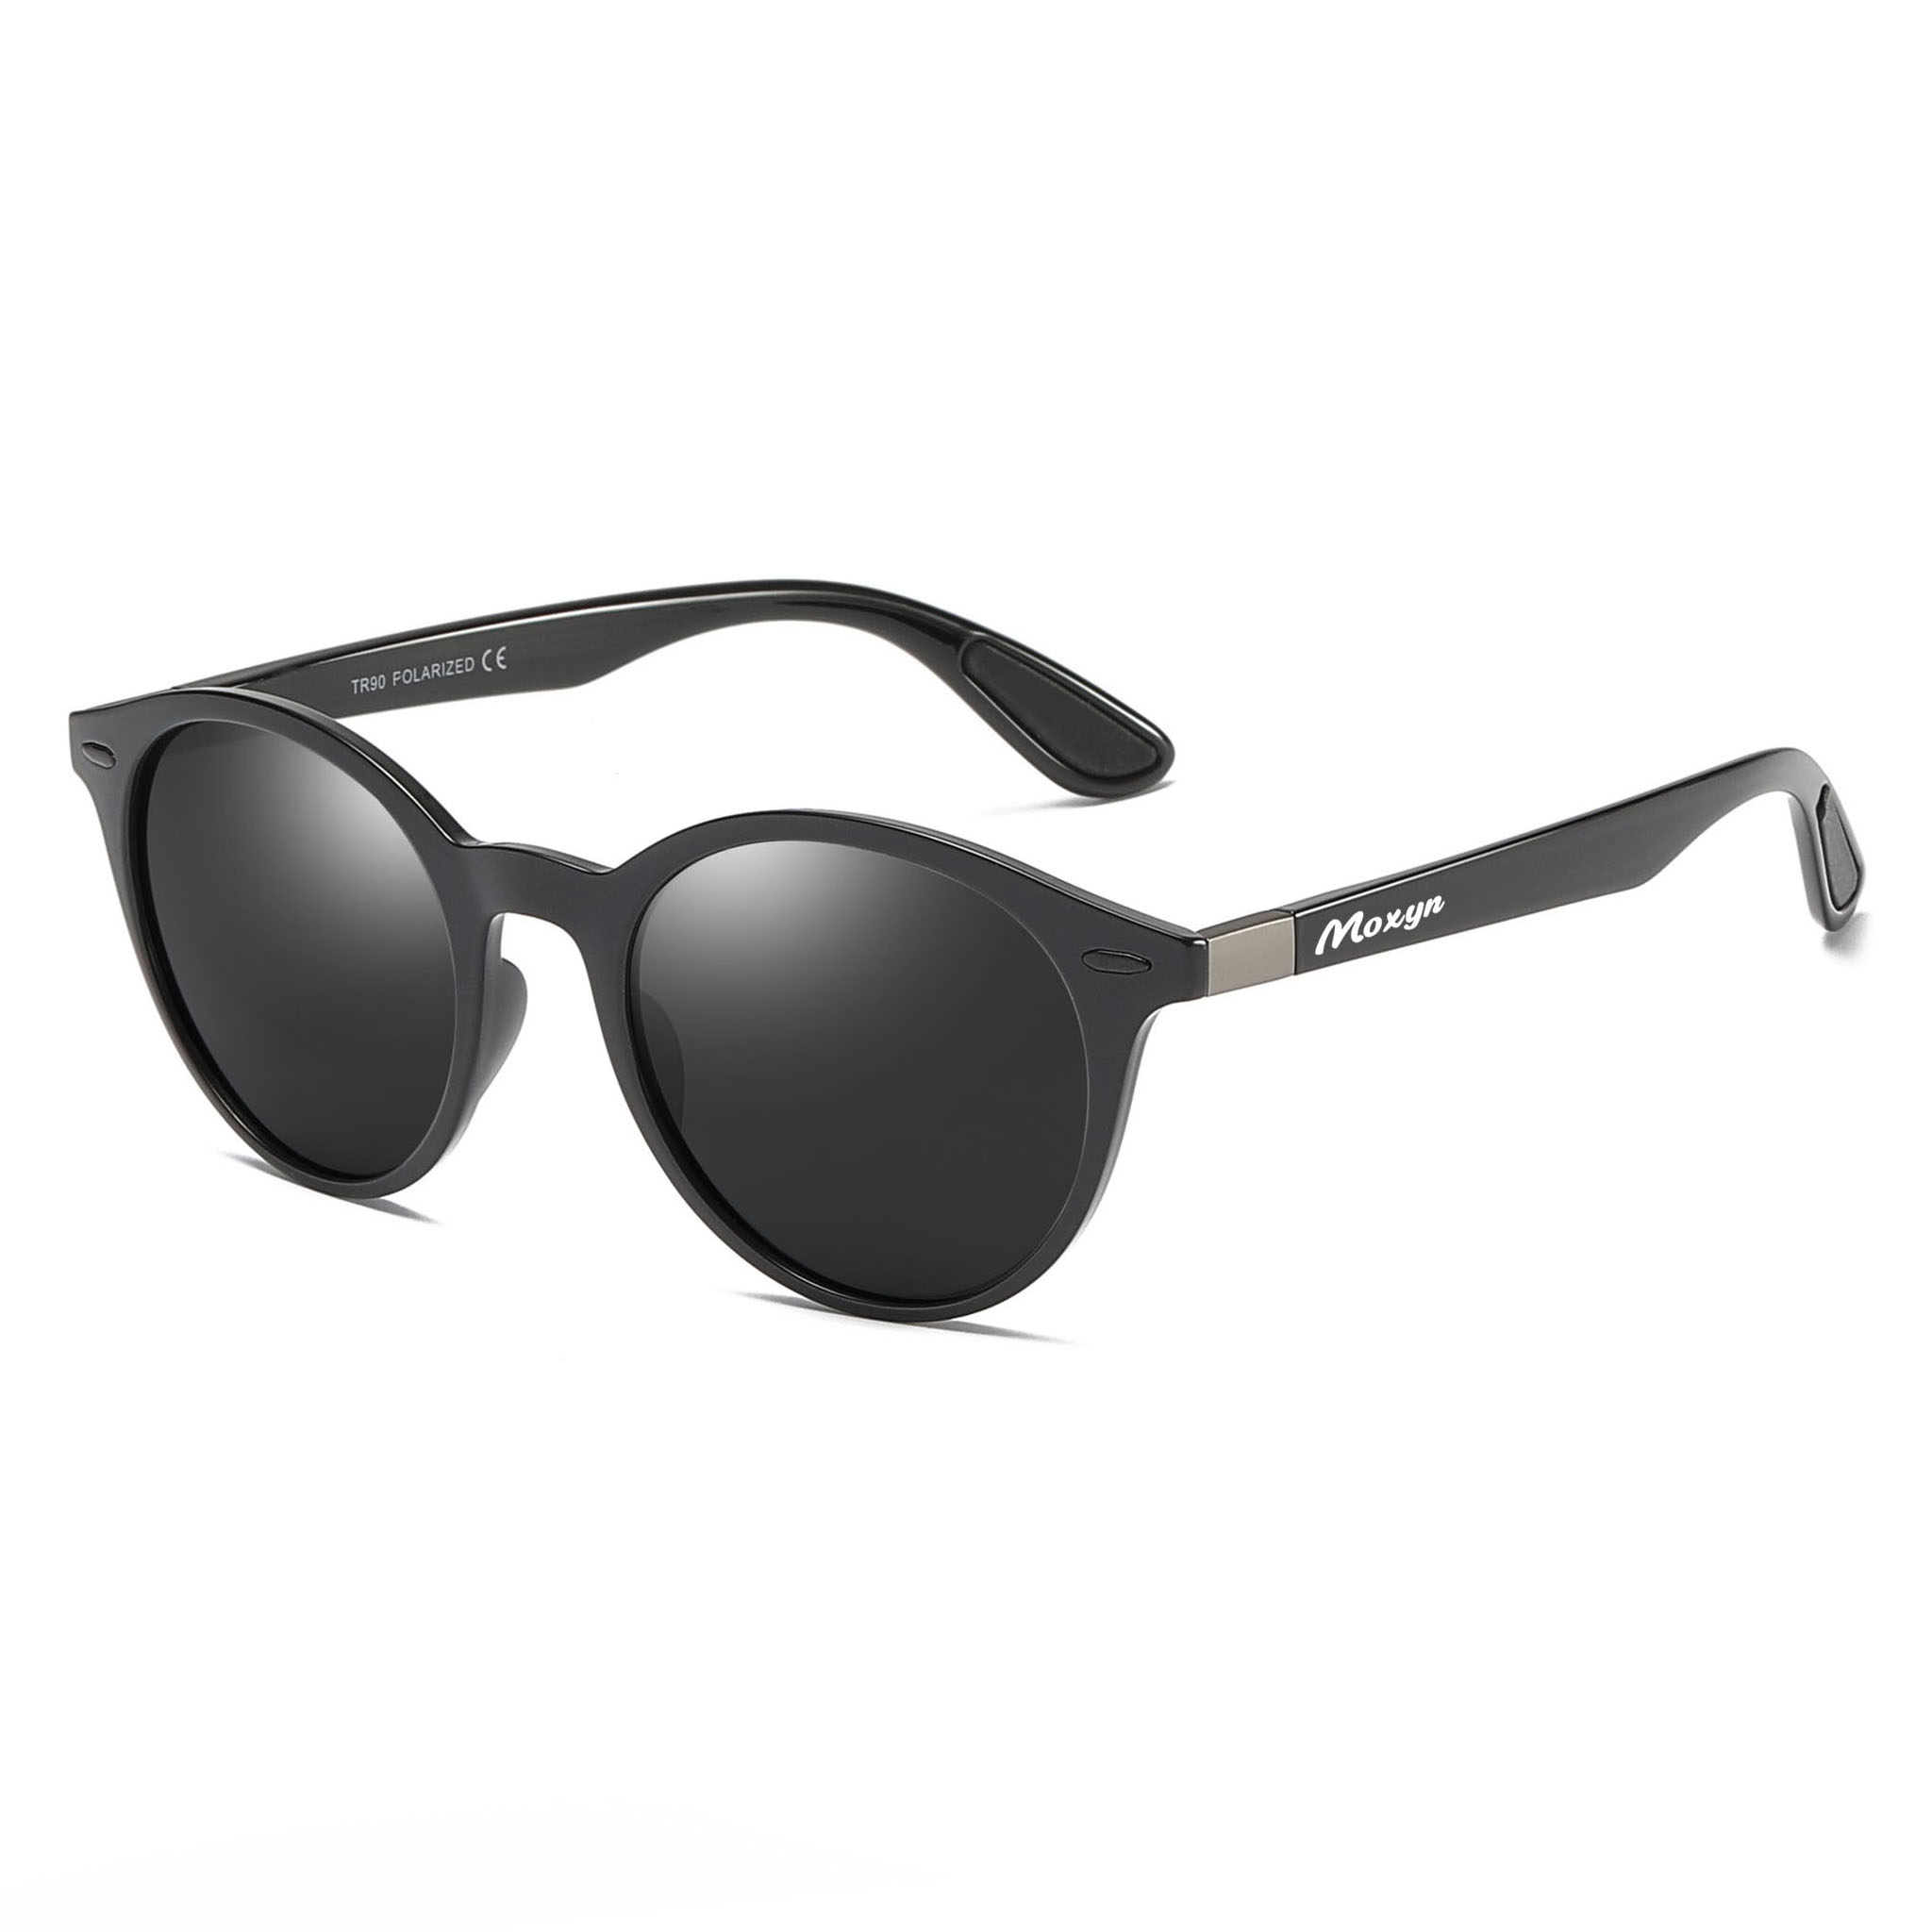 156194e747 Gafas de sol Polarizadas 2x1 y envío gratis 24/48h. descubre los modelos